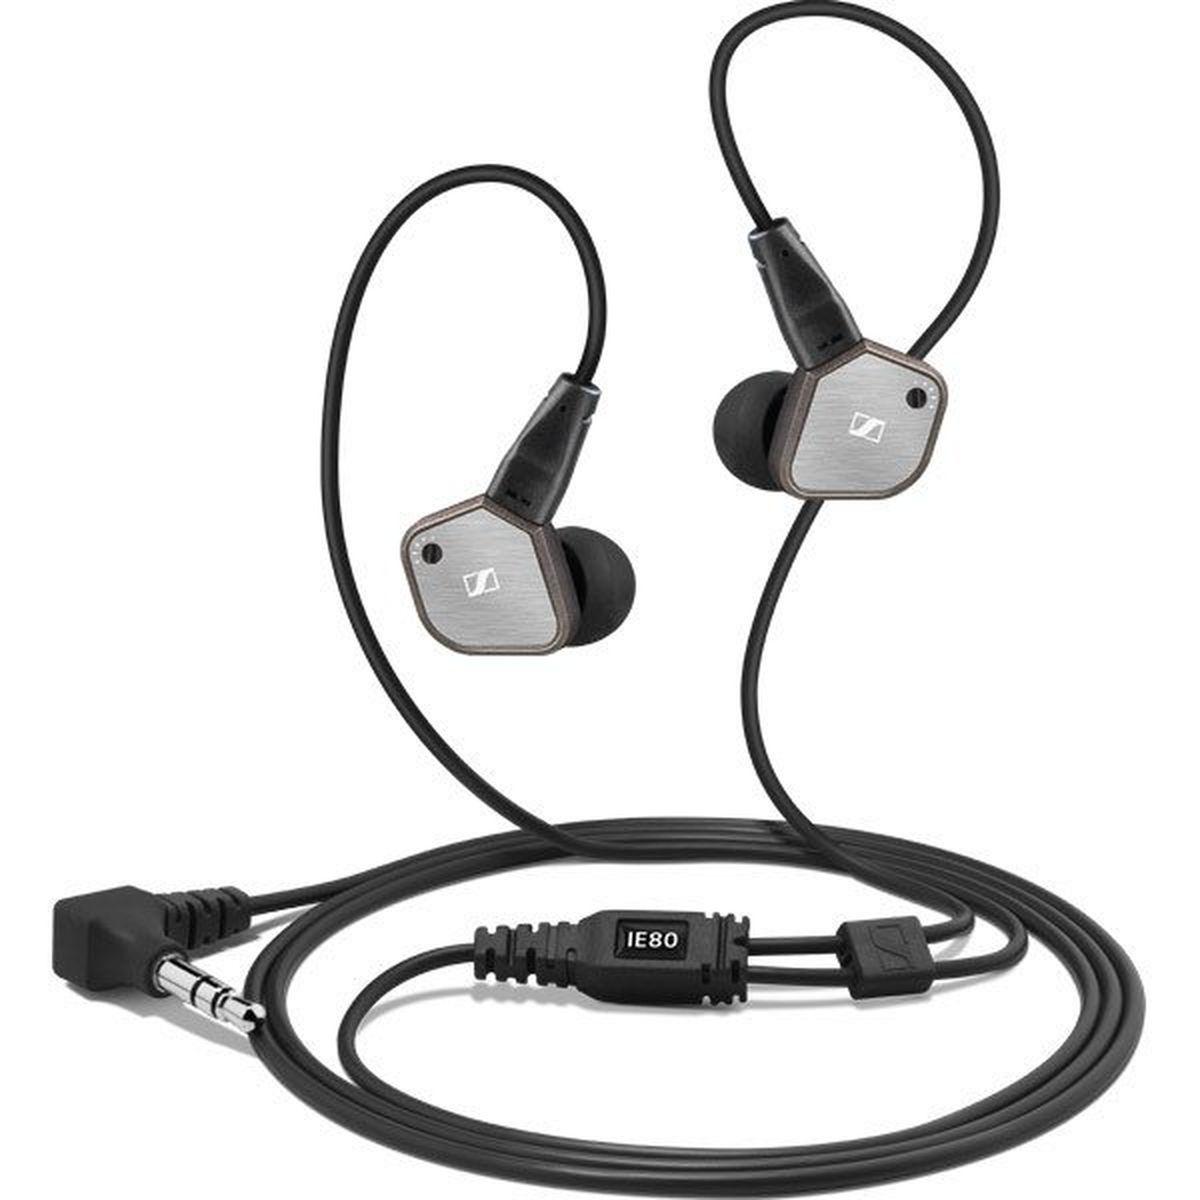 Parmi les meilleurs écouteurs Sennheiser, le Sennheiser IE 80 sort clairement du lot. Pas convaincu ? Alors on vous explique pourquoi.